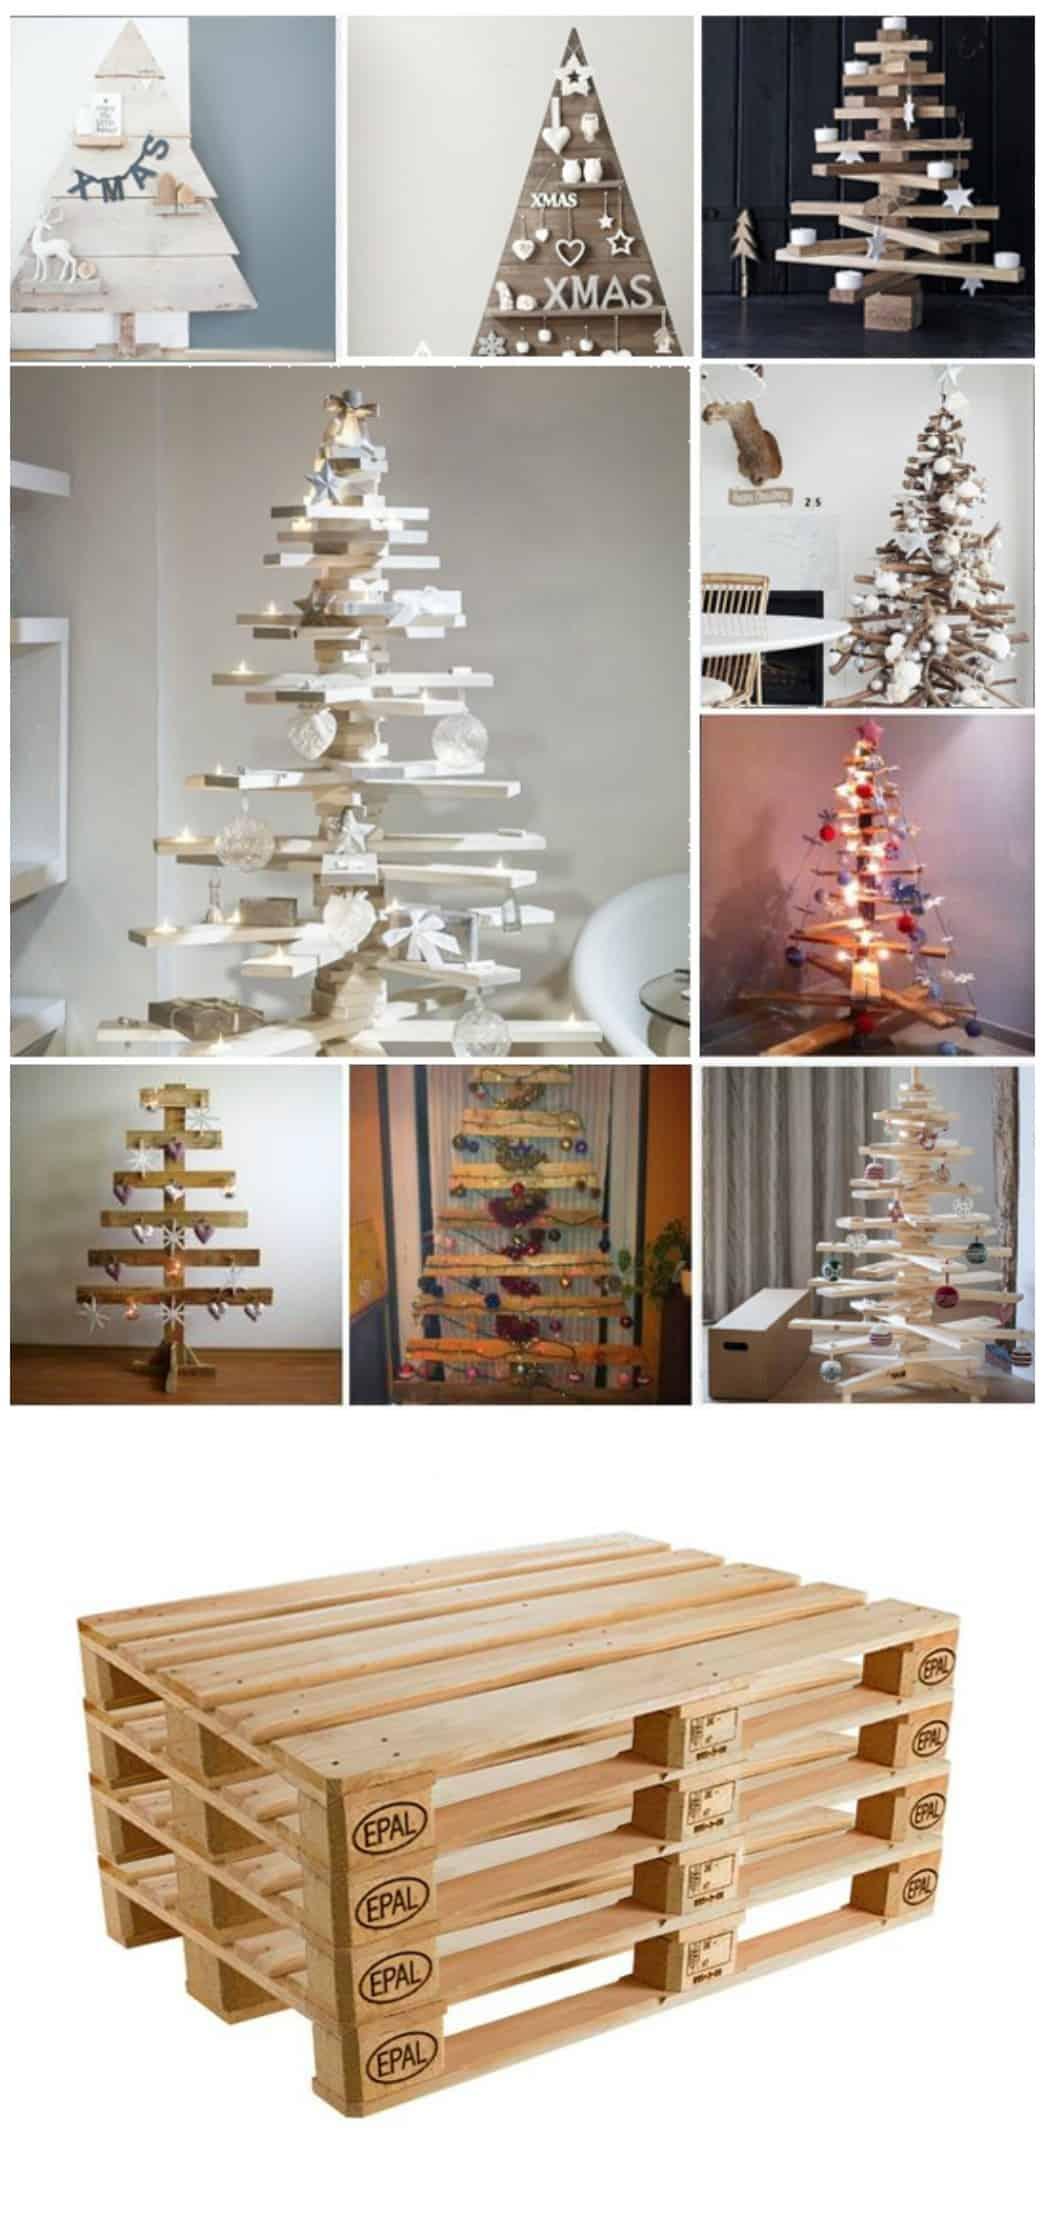 Eccezionale Natale Arredo : Tendenze Shabby Chic, stile Scandinavo e albero  UT56